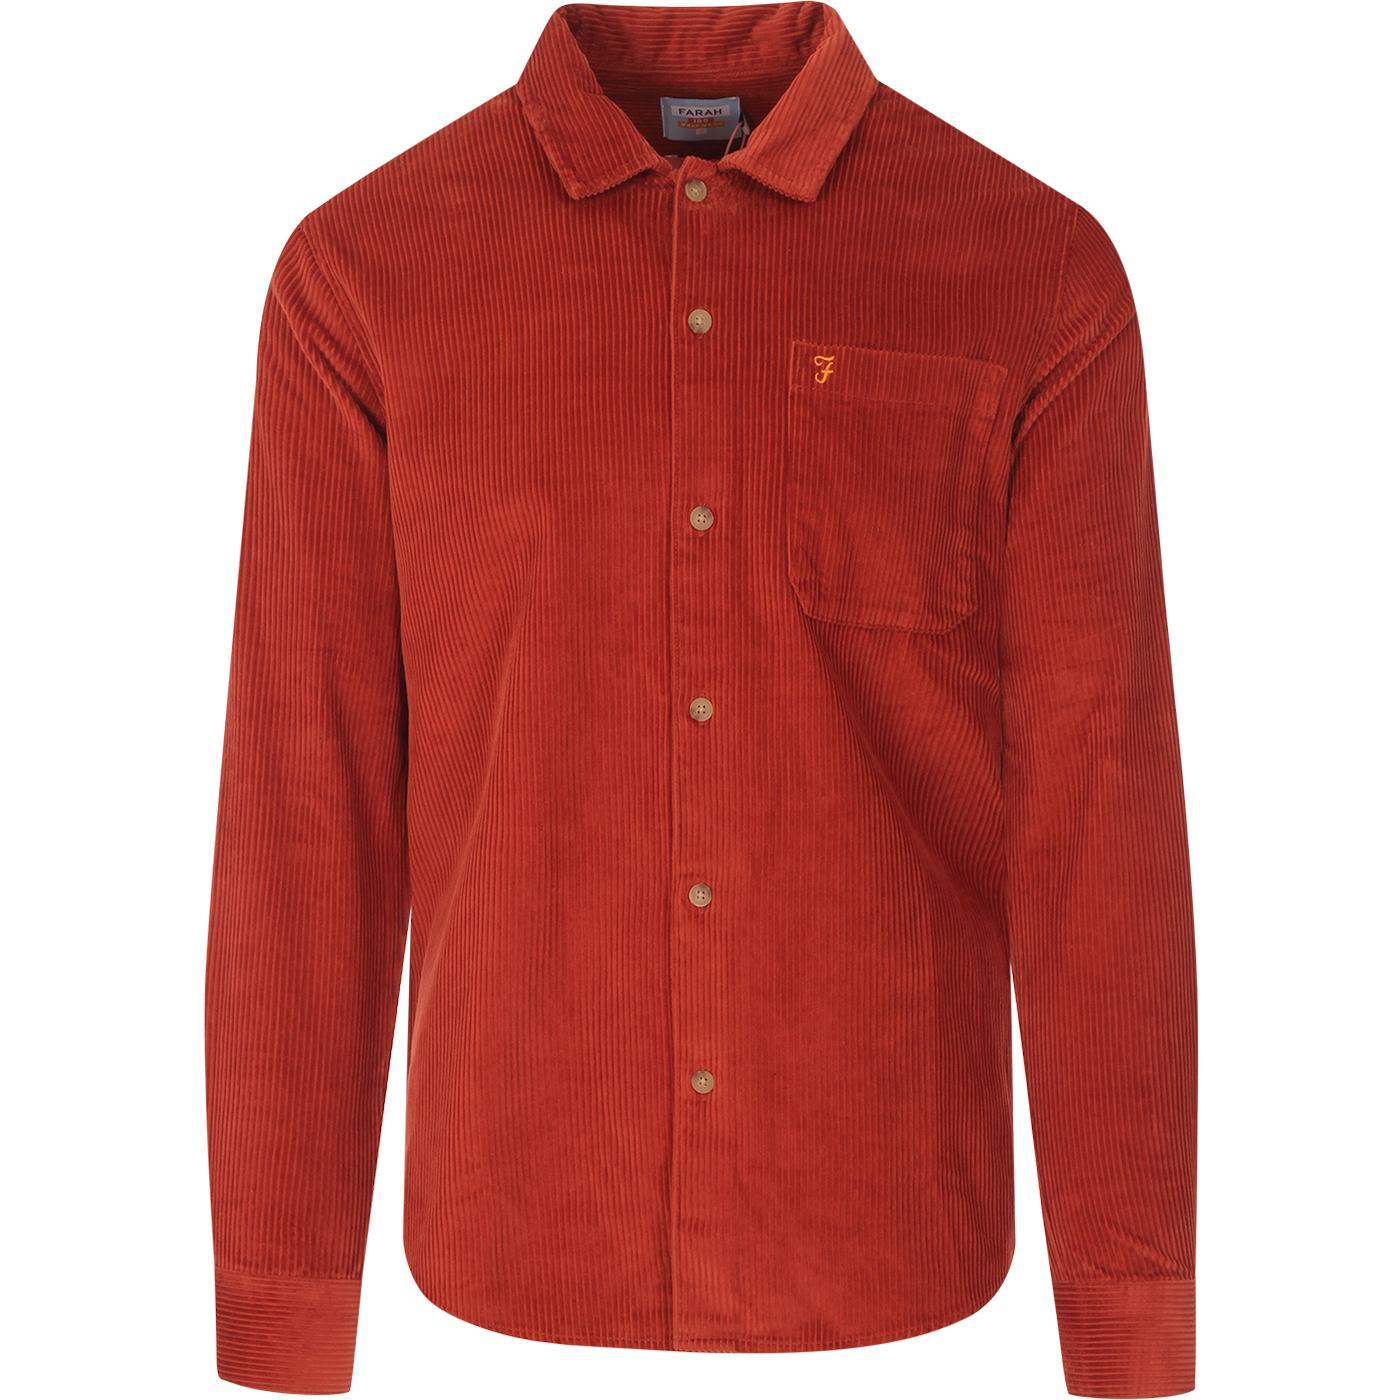 Wyman FARAH 100 Retro Jumbo Cord Overshirt (R)